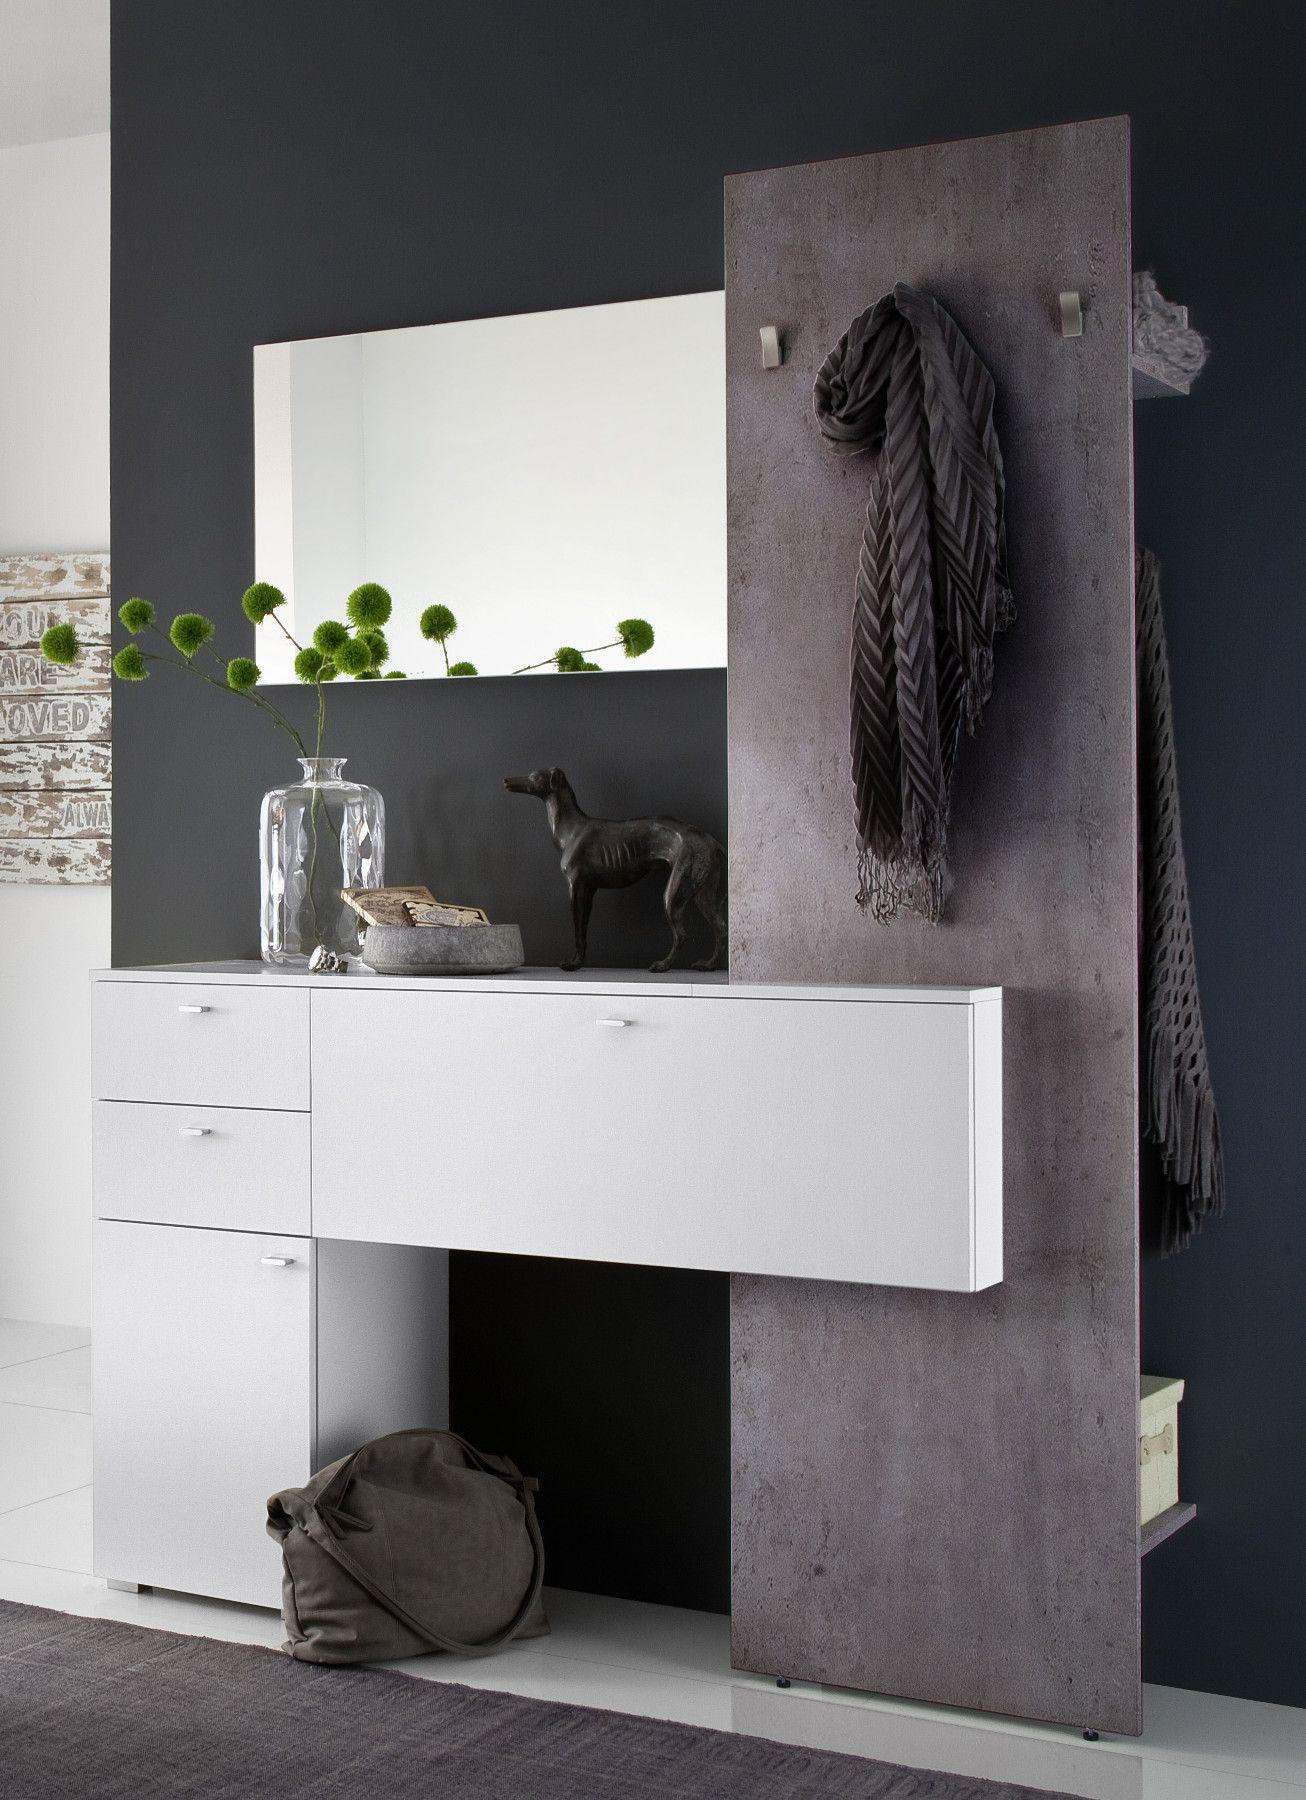 Garderobenset Weiss Betonoptik Scaron3 Designermobel Moderne Mobel Owl Moebelhandel De Garderoben Set Garderobenset Garderobenset Weiss